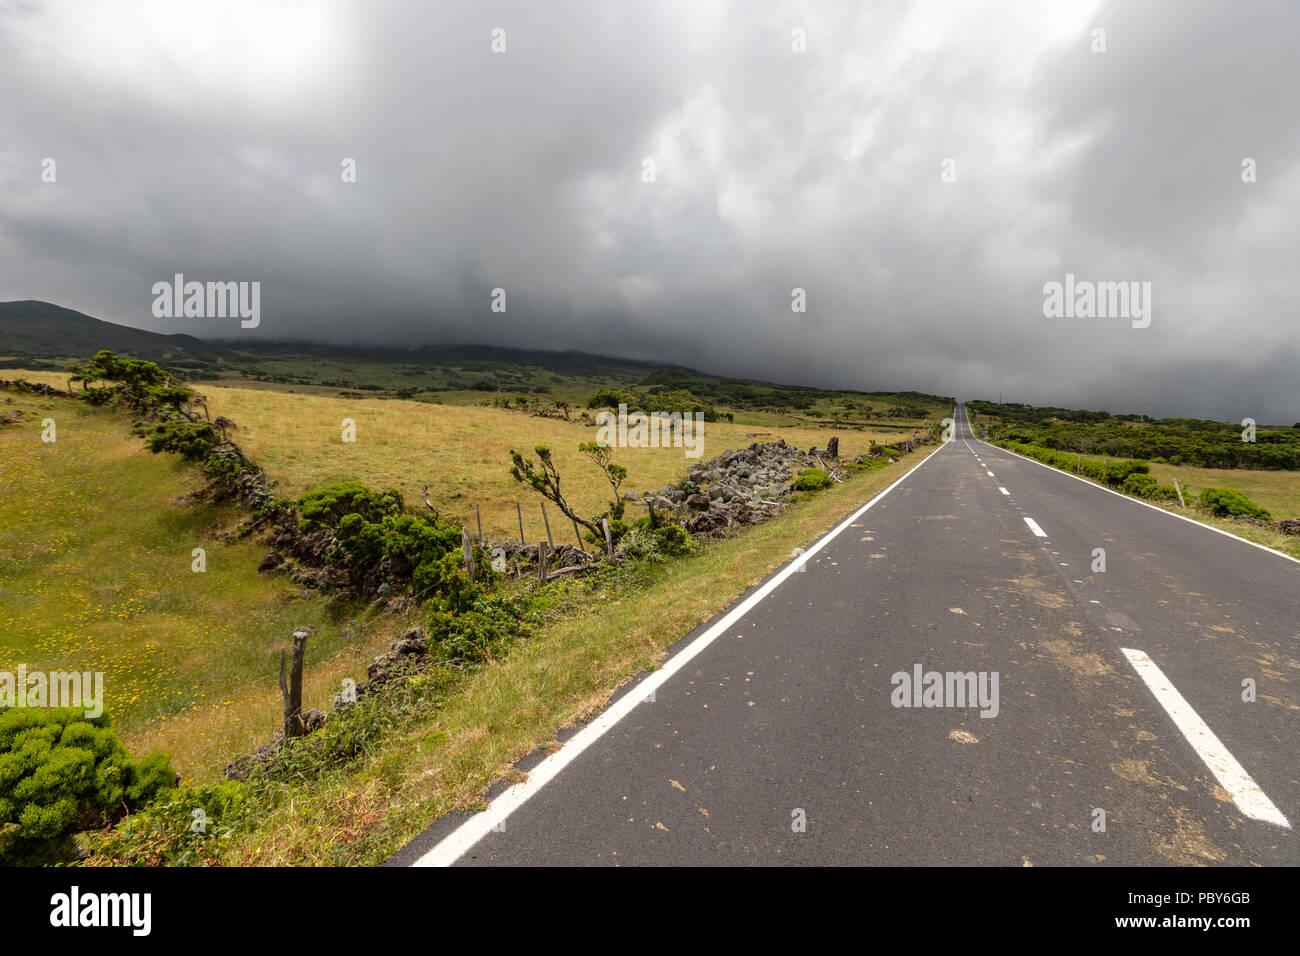 Landscape along  EN3 longitudinal road northeast of Mount Pico, Pico along , Pico island, Azores - Stock Image